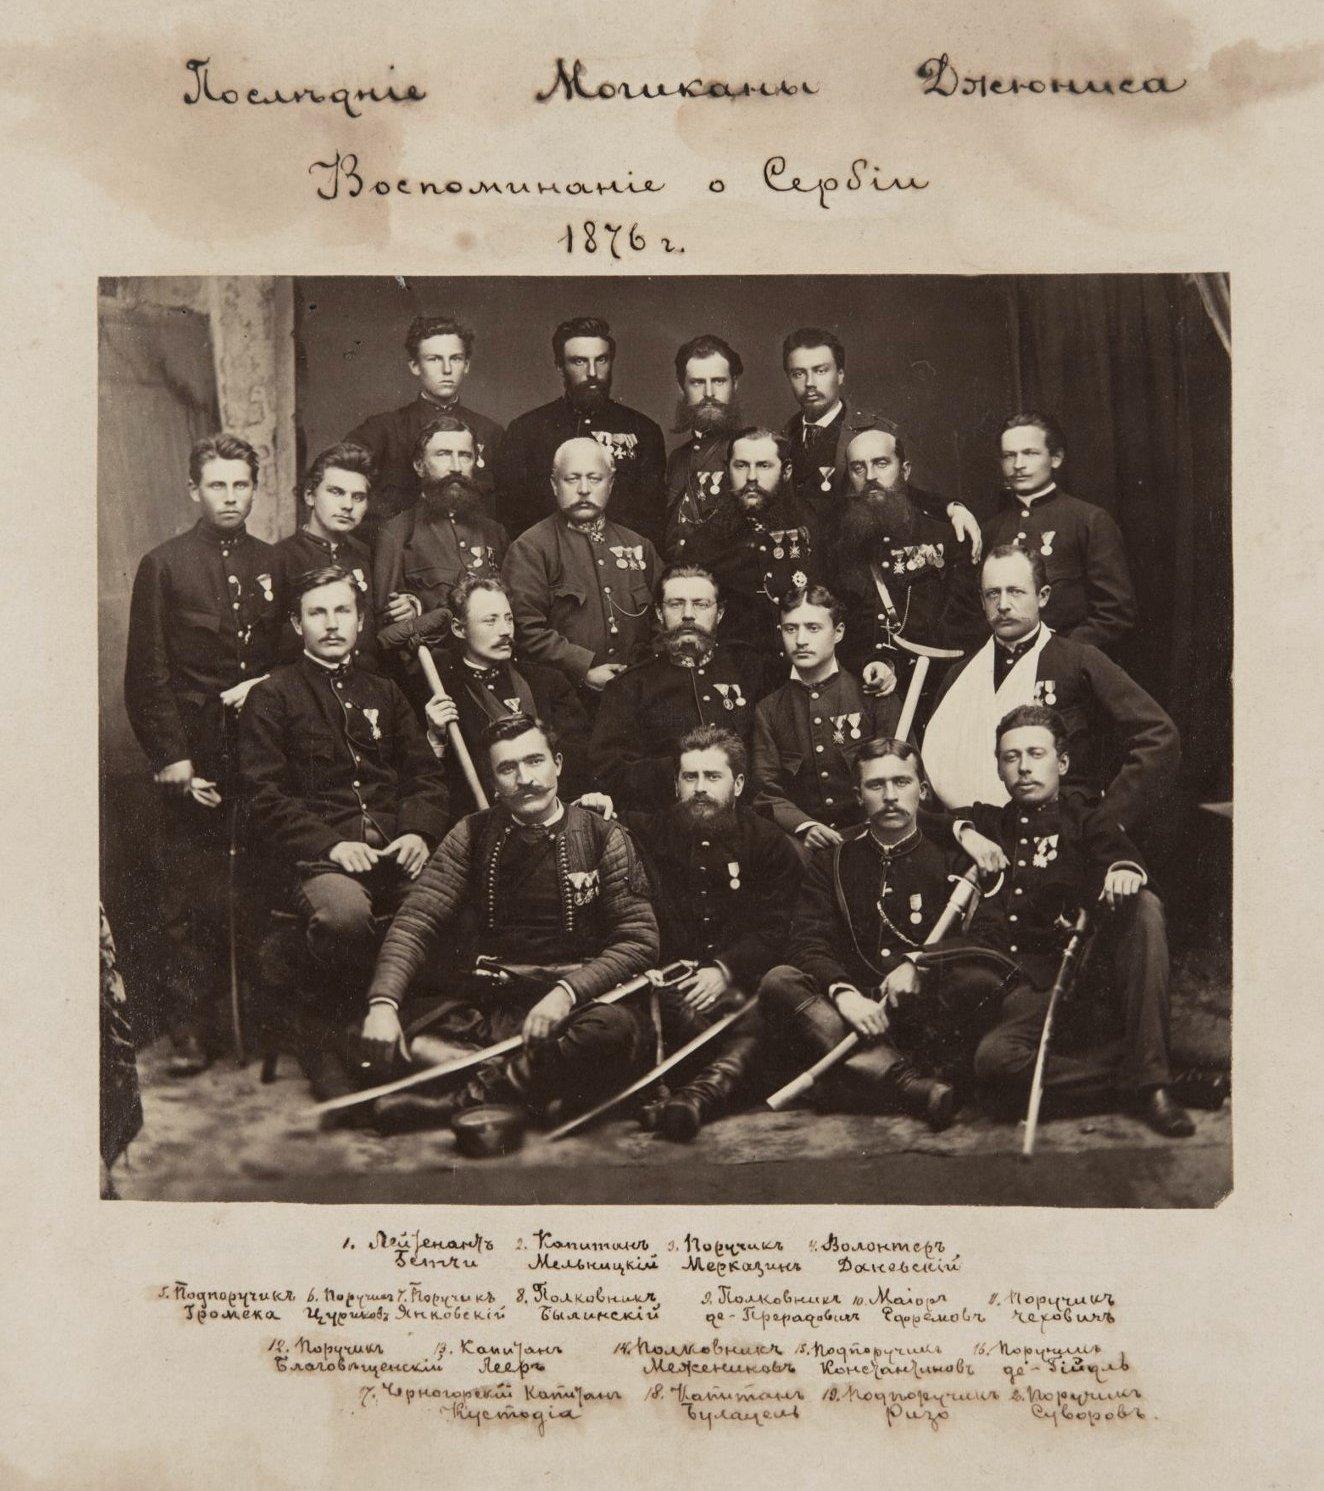 1876. Воспоминая о Сербии. Последние Могиканы Джюниса